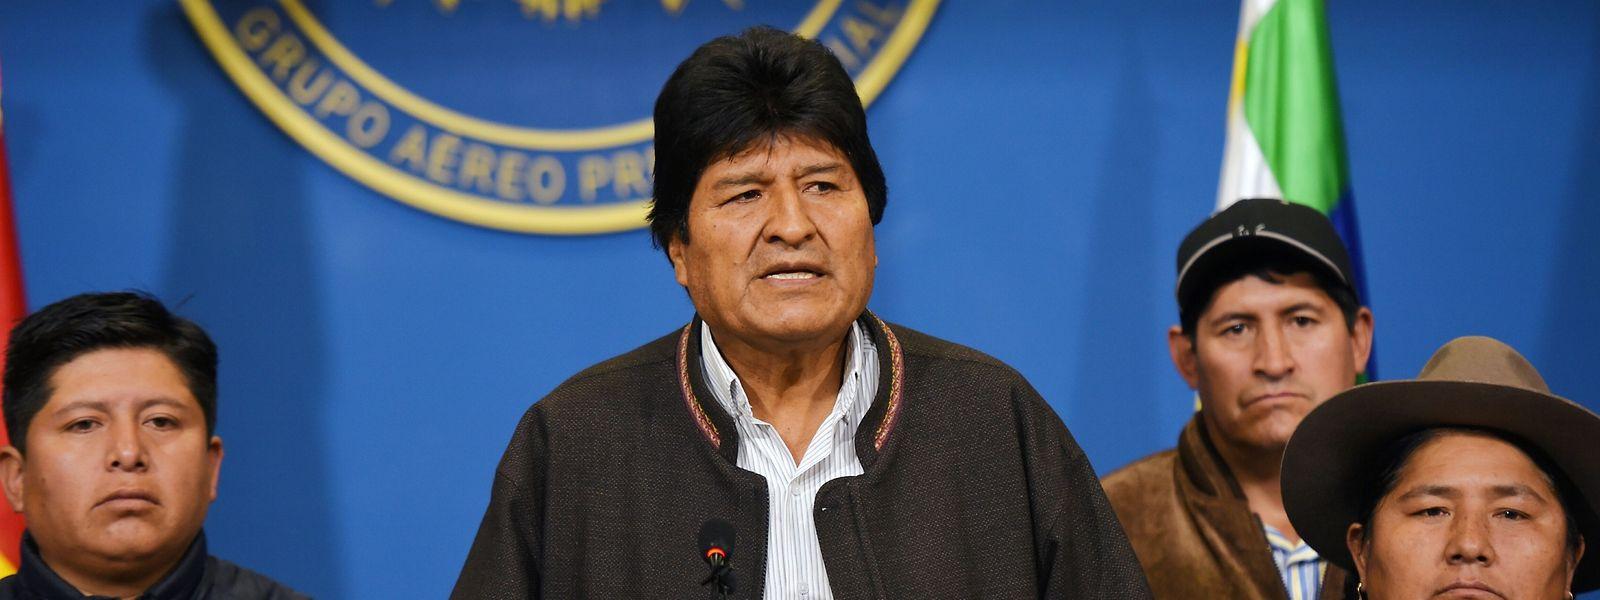 Le président bolivien Evo Morales a démissionné de ses fonctions depuis dimanche.